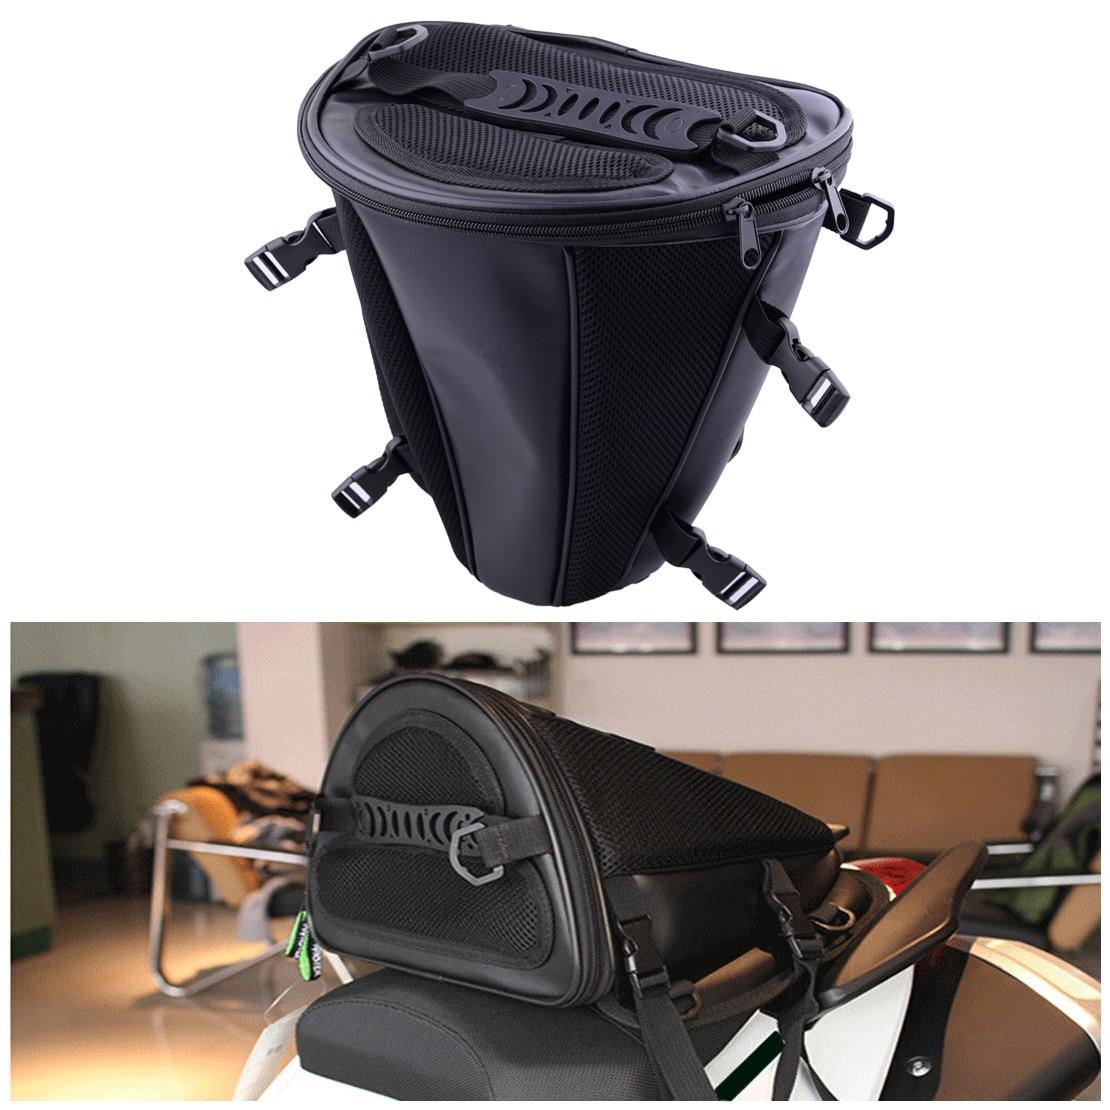 Dwcx черный микрофибры мотоцикл хвост мешок на заднем сиденье хранения Carry ручной плечо Водонепроницаемый бинты ремень сумка Держатели